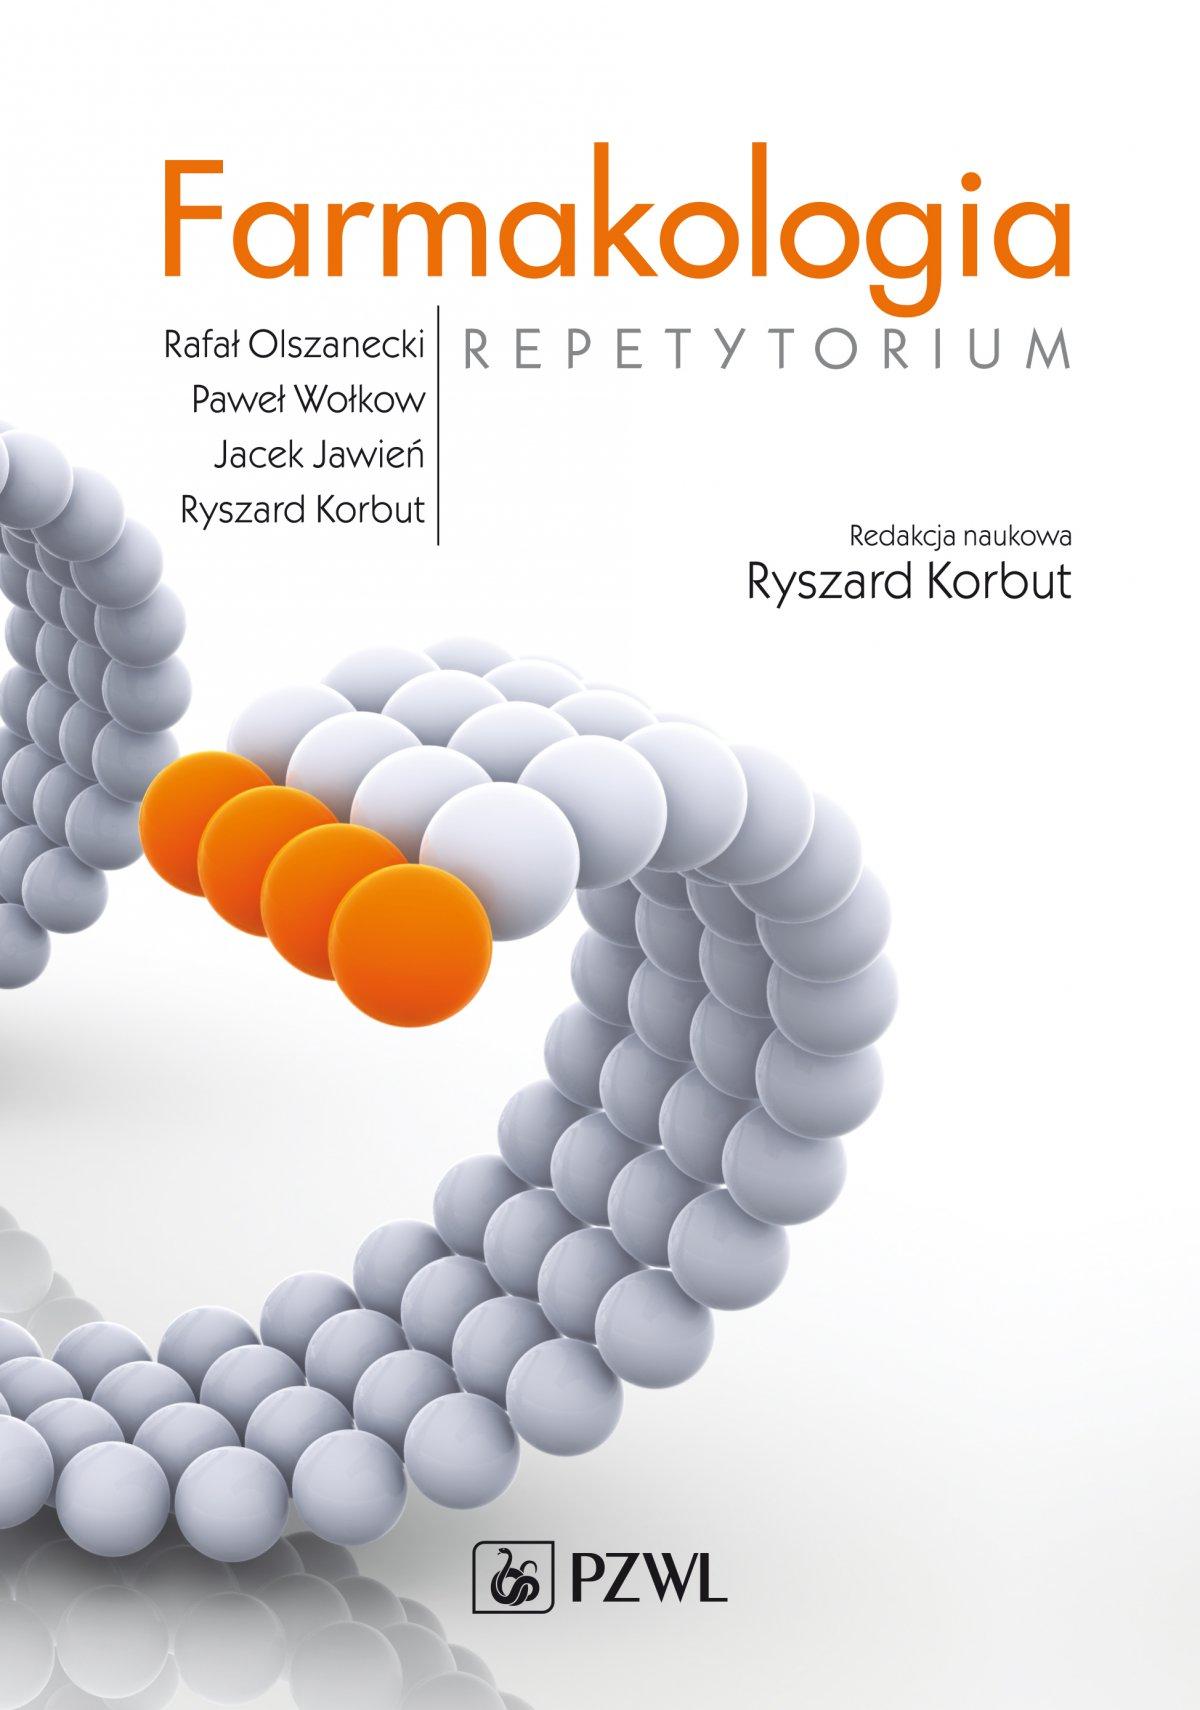 Farmakologia. Repetytorium - Ebook (Książka EPUB) do pobrania w formacie EPUB